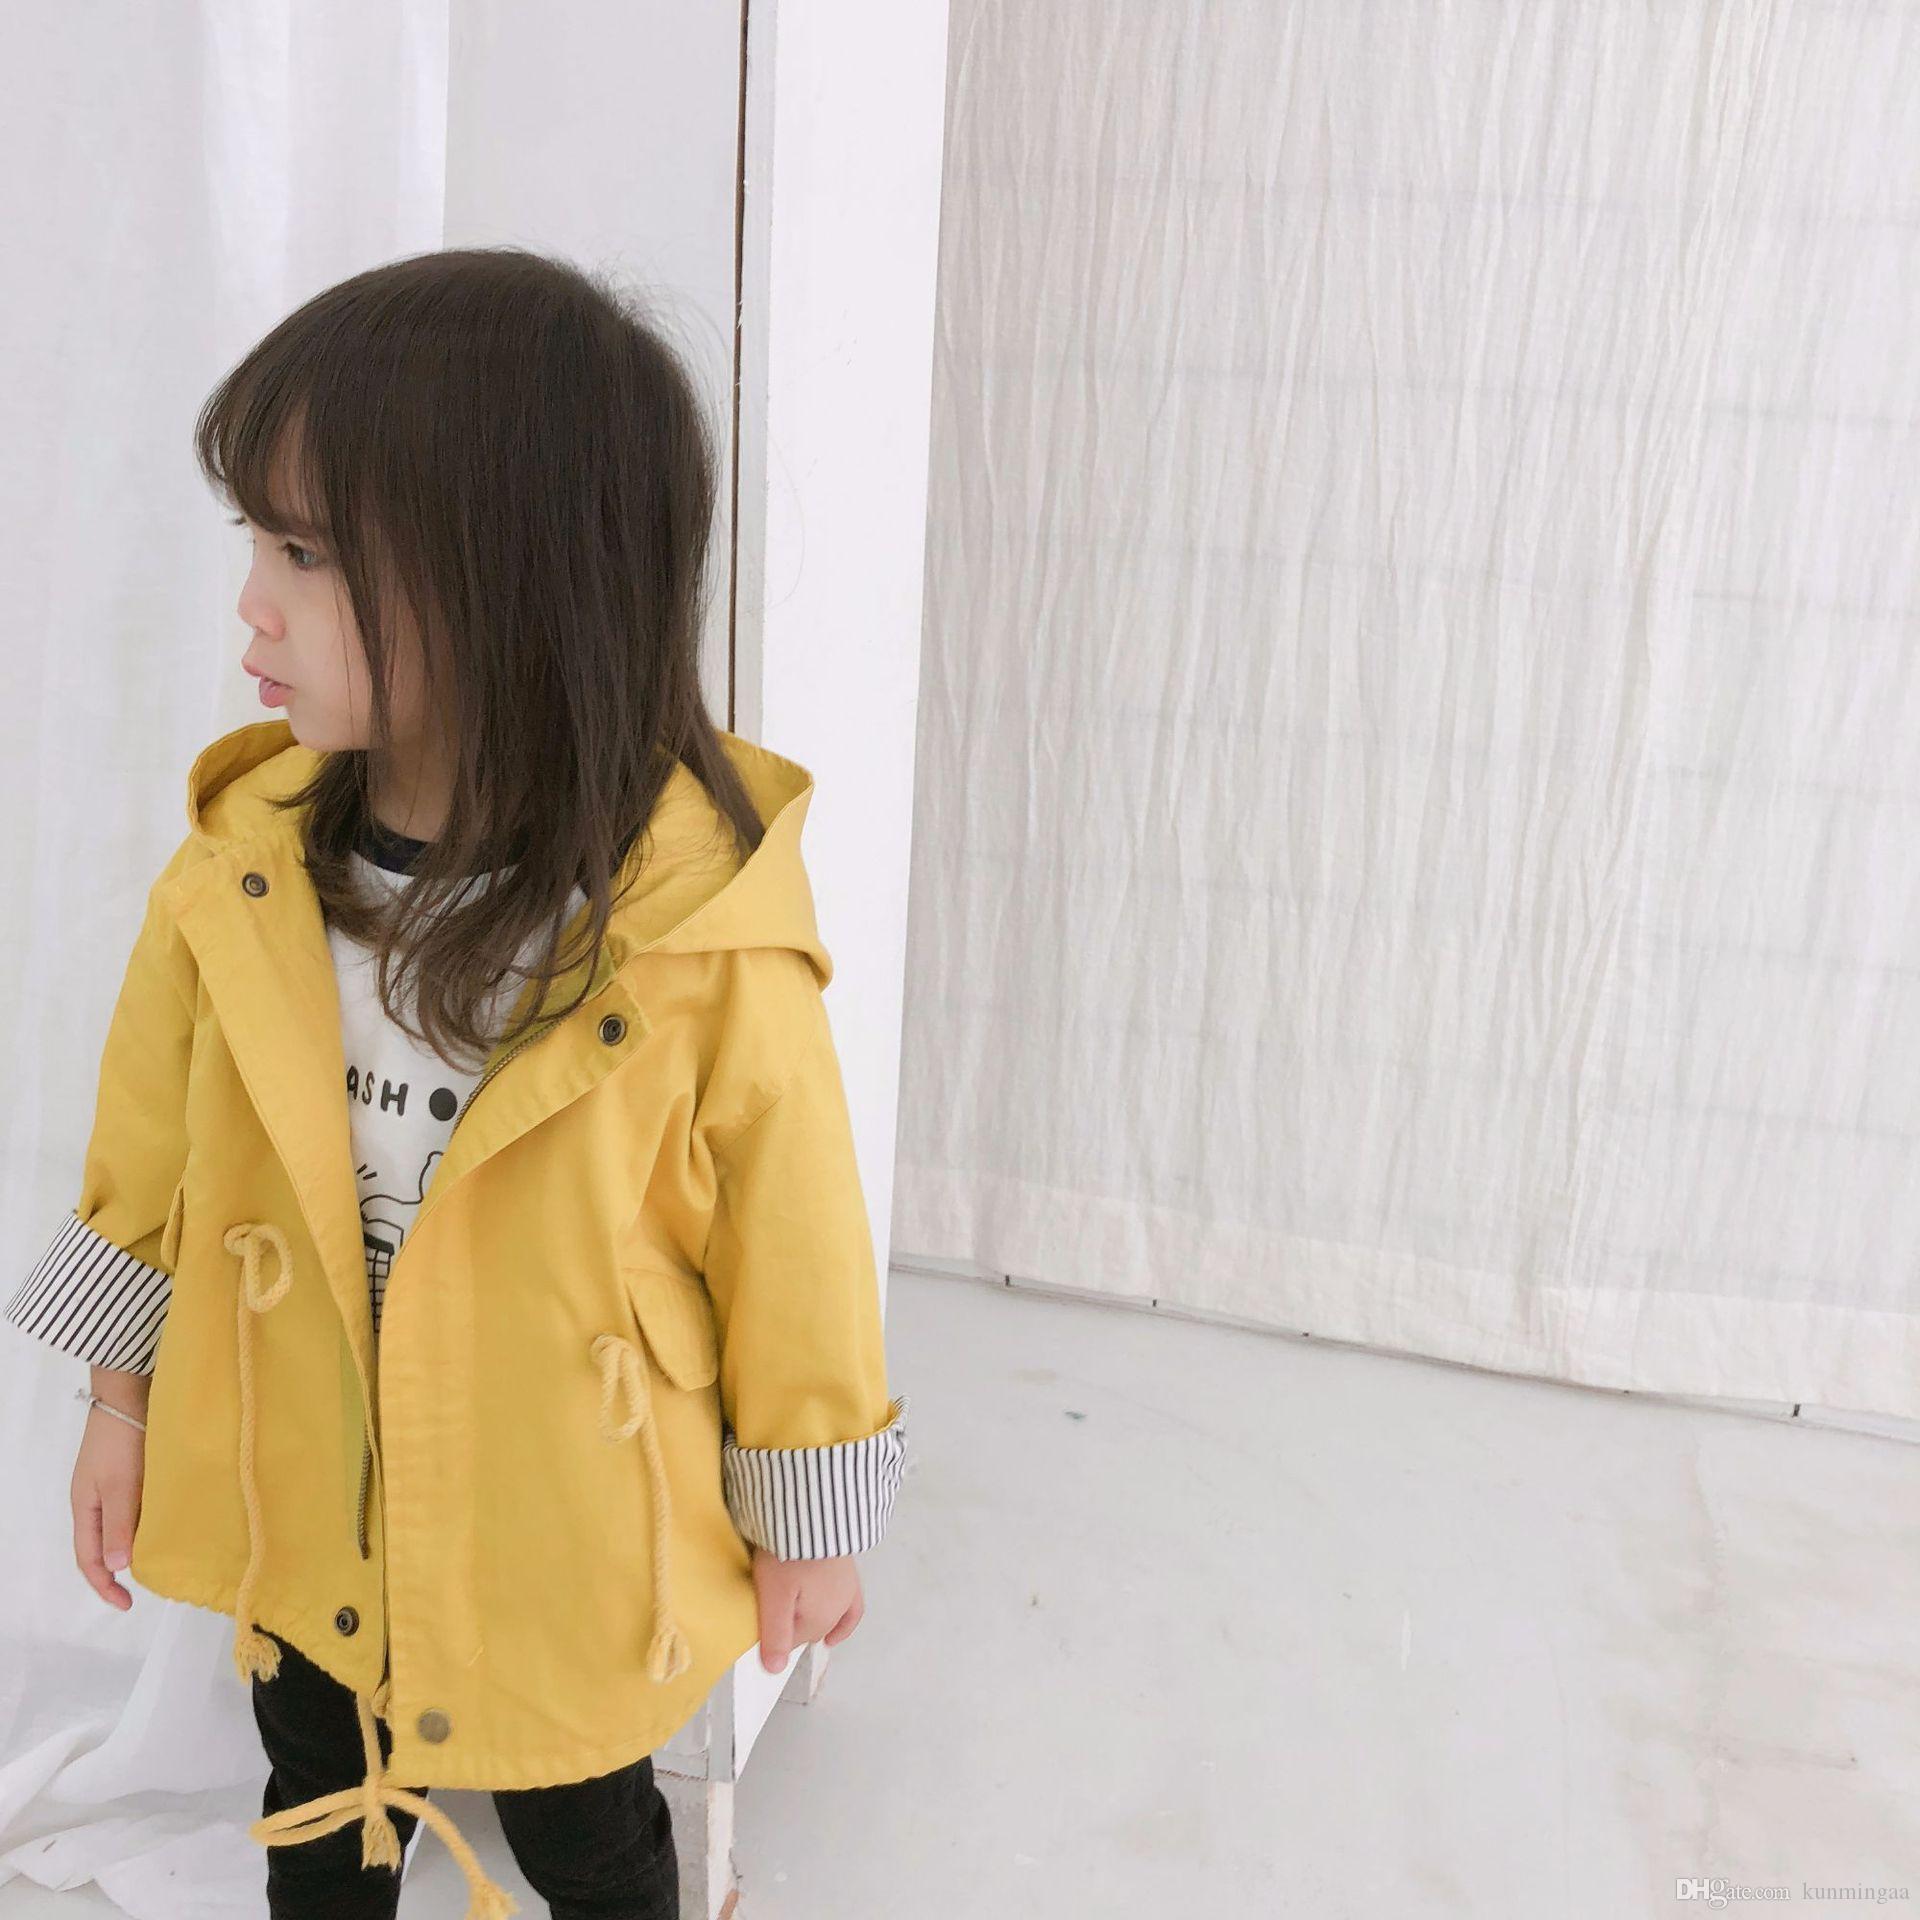 Gabardinas para niñas Cazadora larga para niños Ropa para niños Ropa con capucha para niños Trajes escolares amarillo